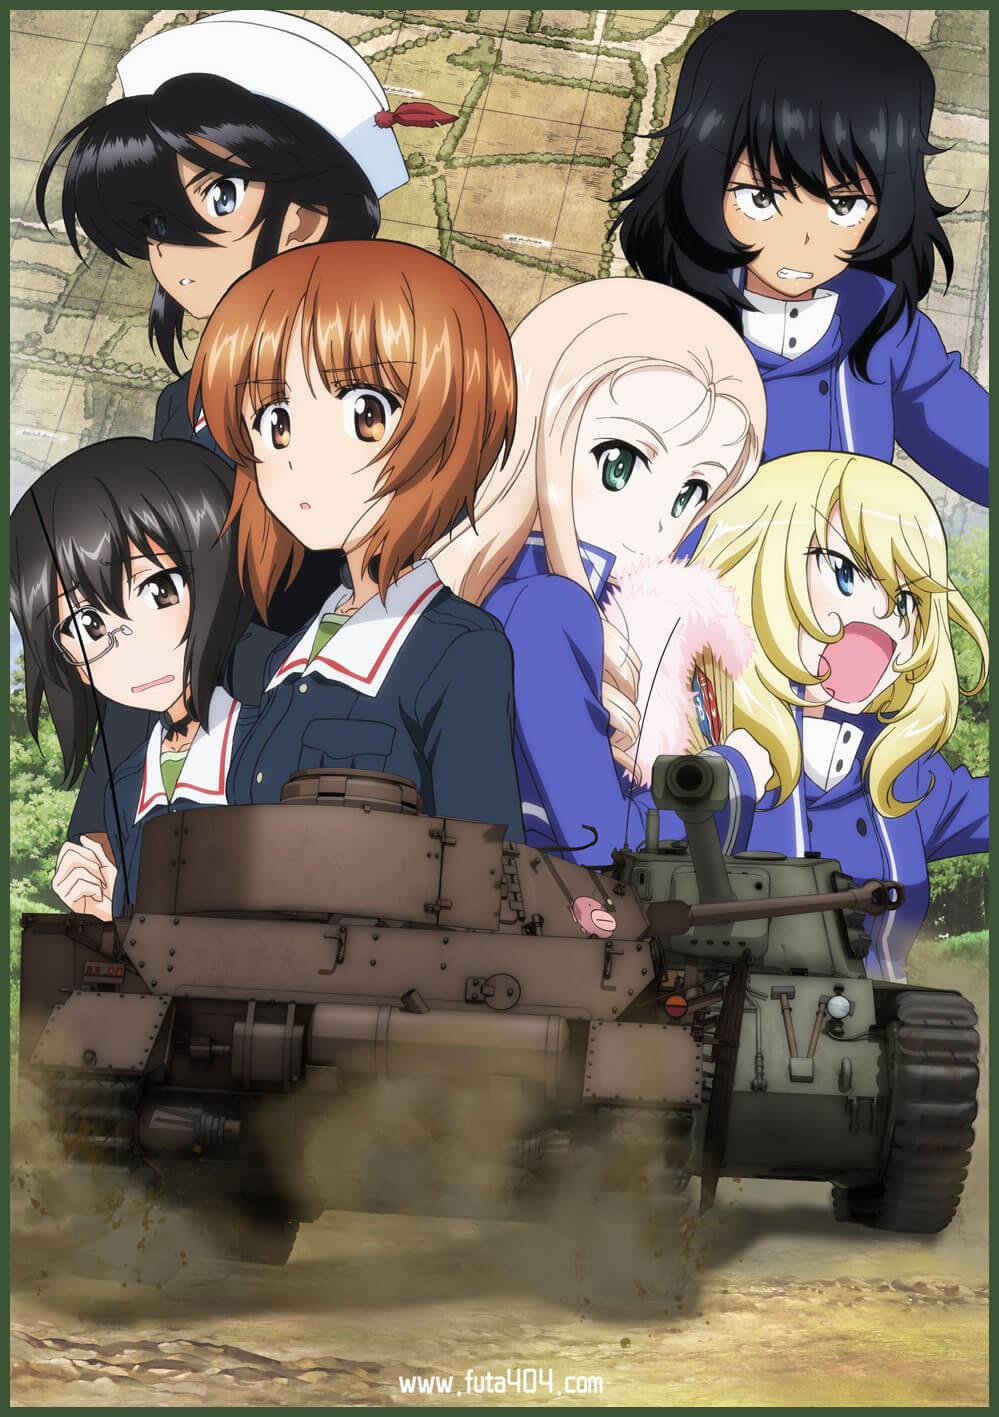 少女与战车最终章 动画在线 Actas 动漫在线